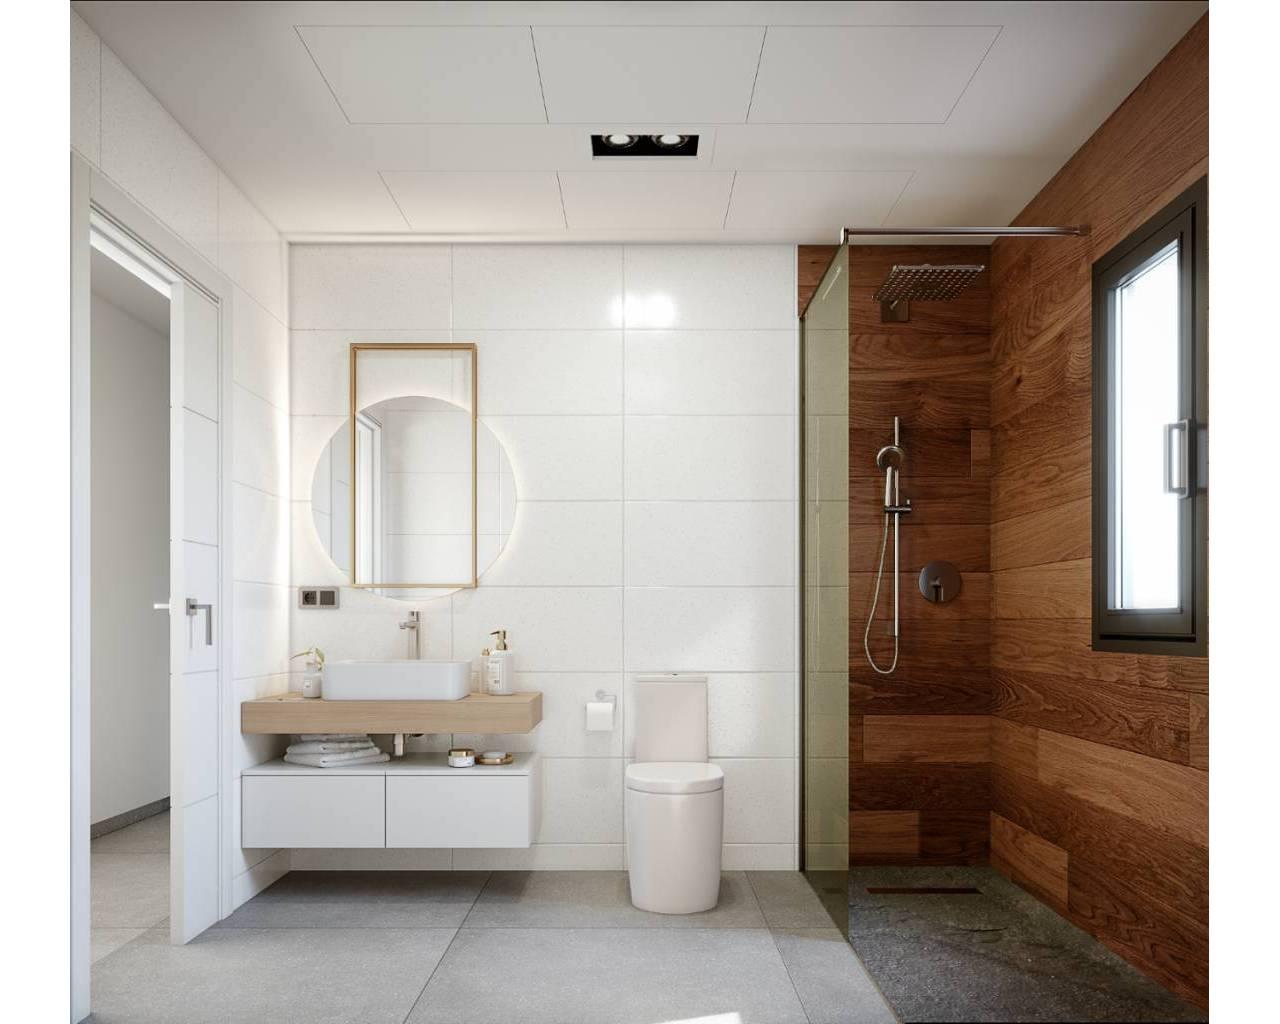 nieuwbouw-half-vrijstaande-villa-los-alcazares-roda-golf_4577_xl